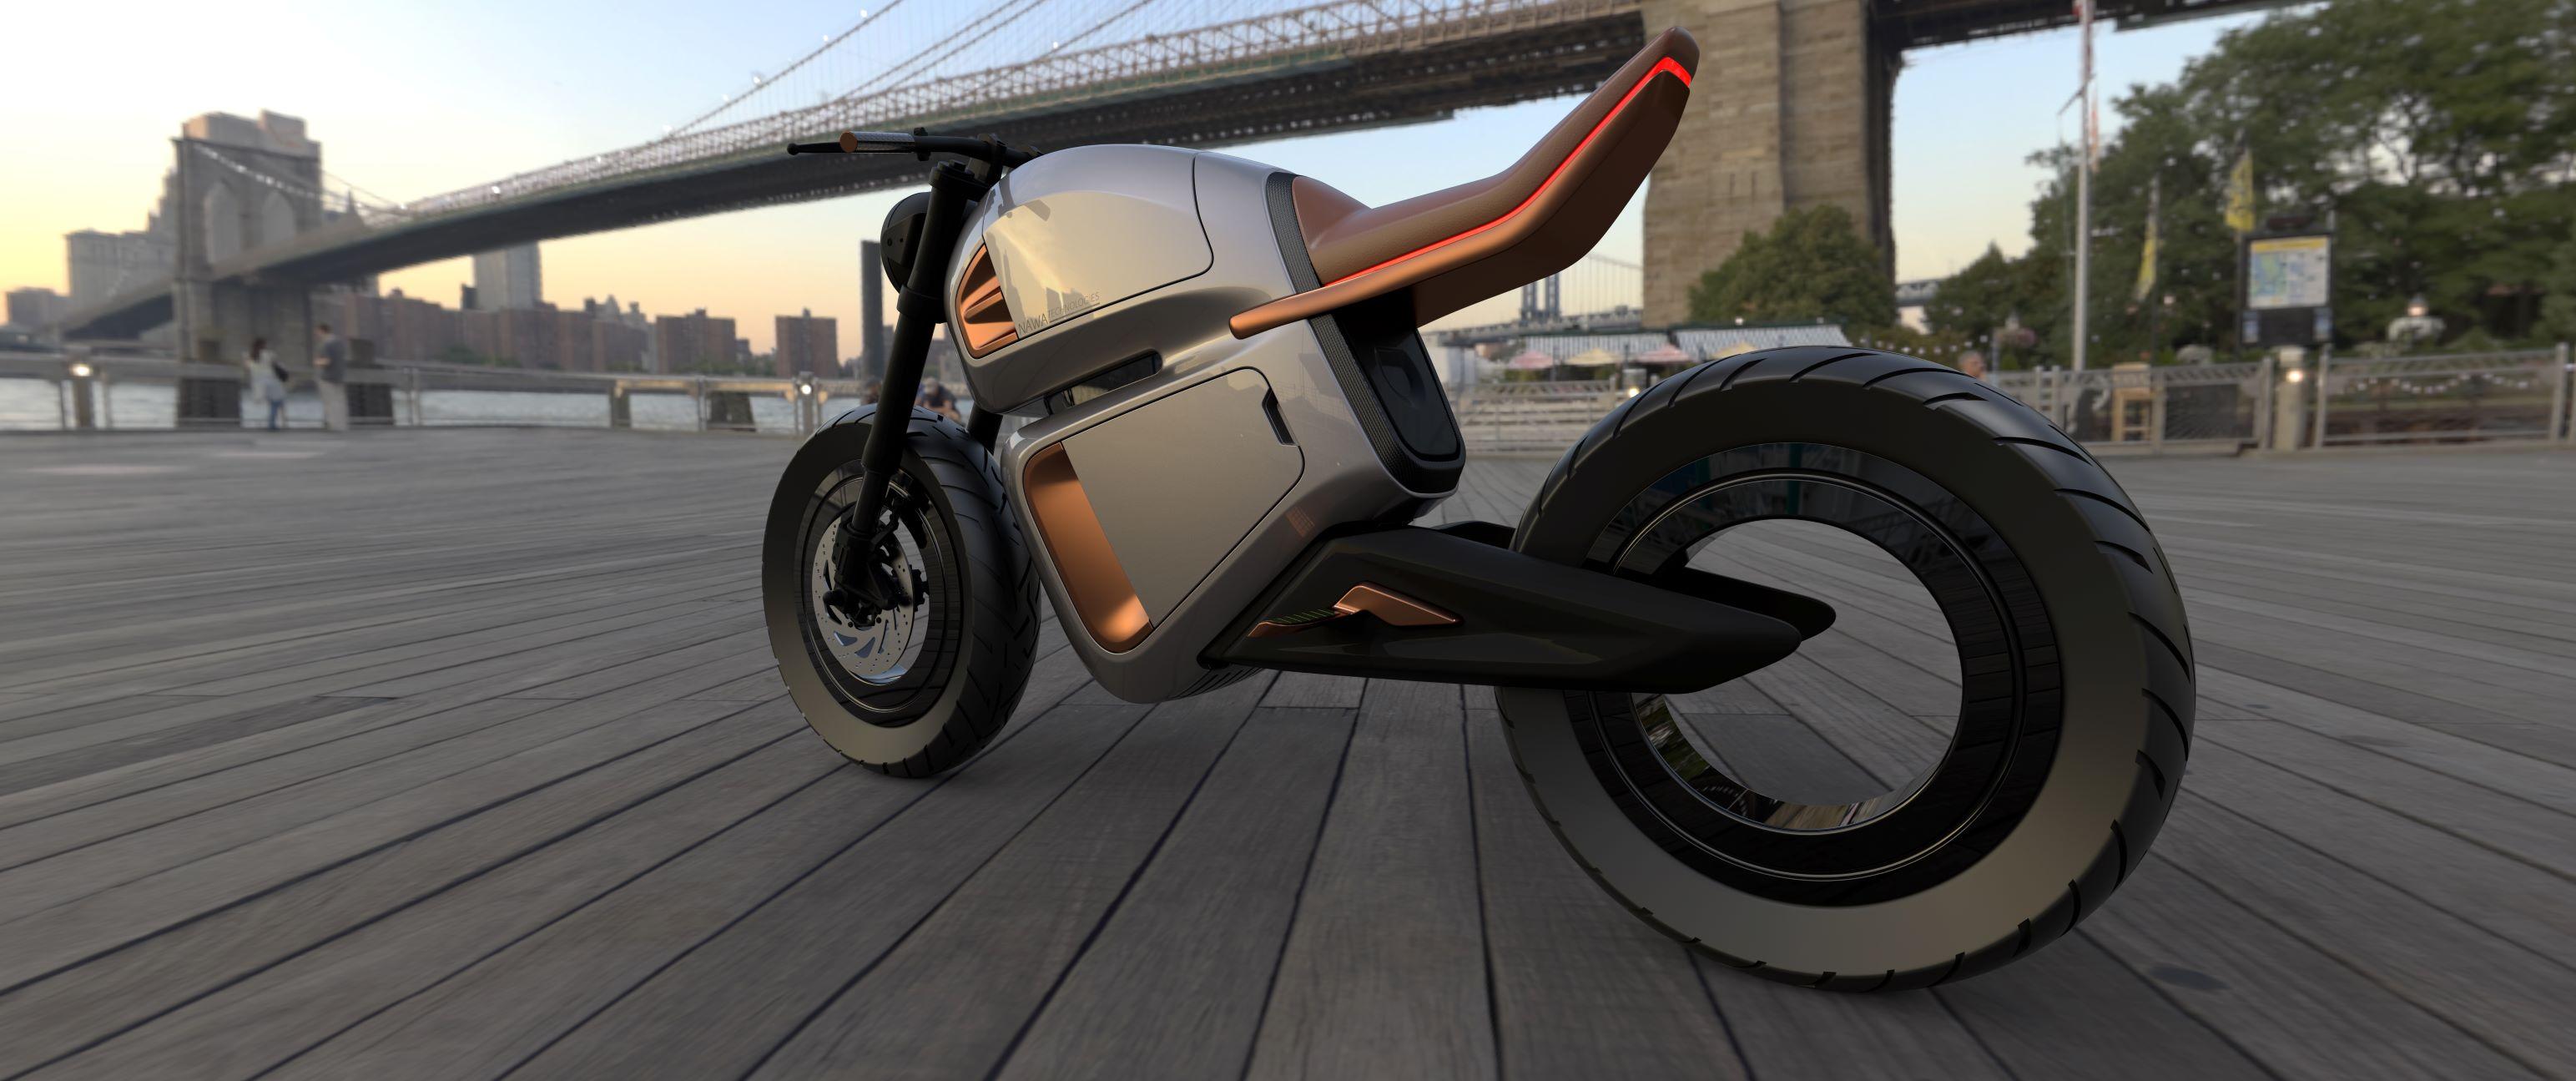 Notre sélection des meilleures motos électriques en 2020